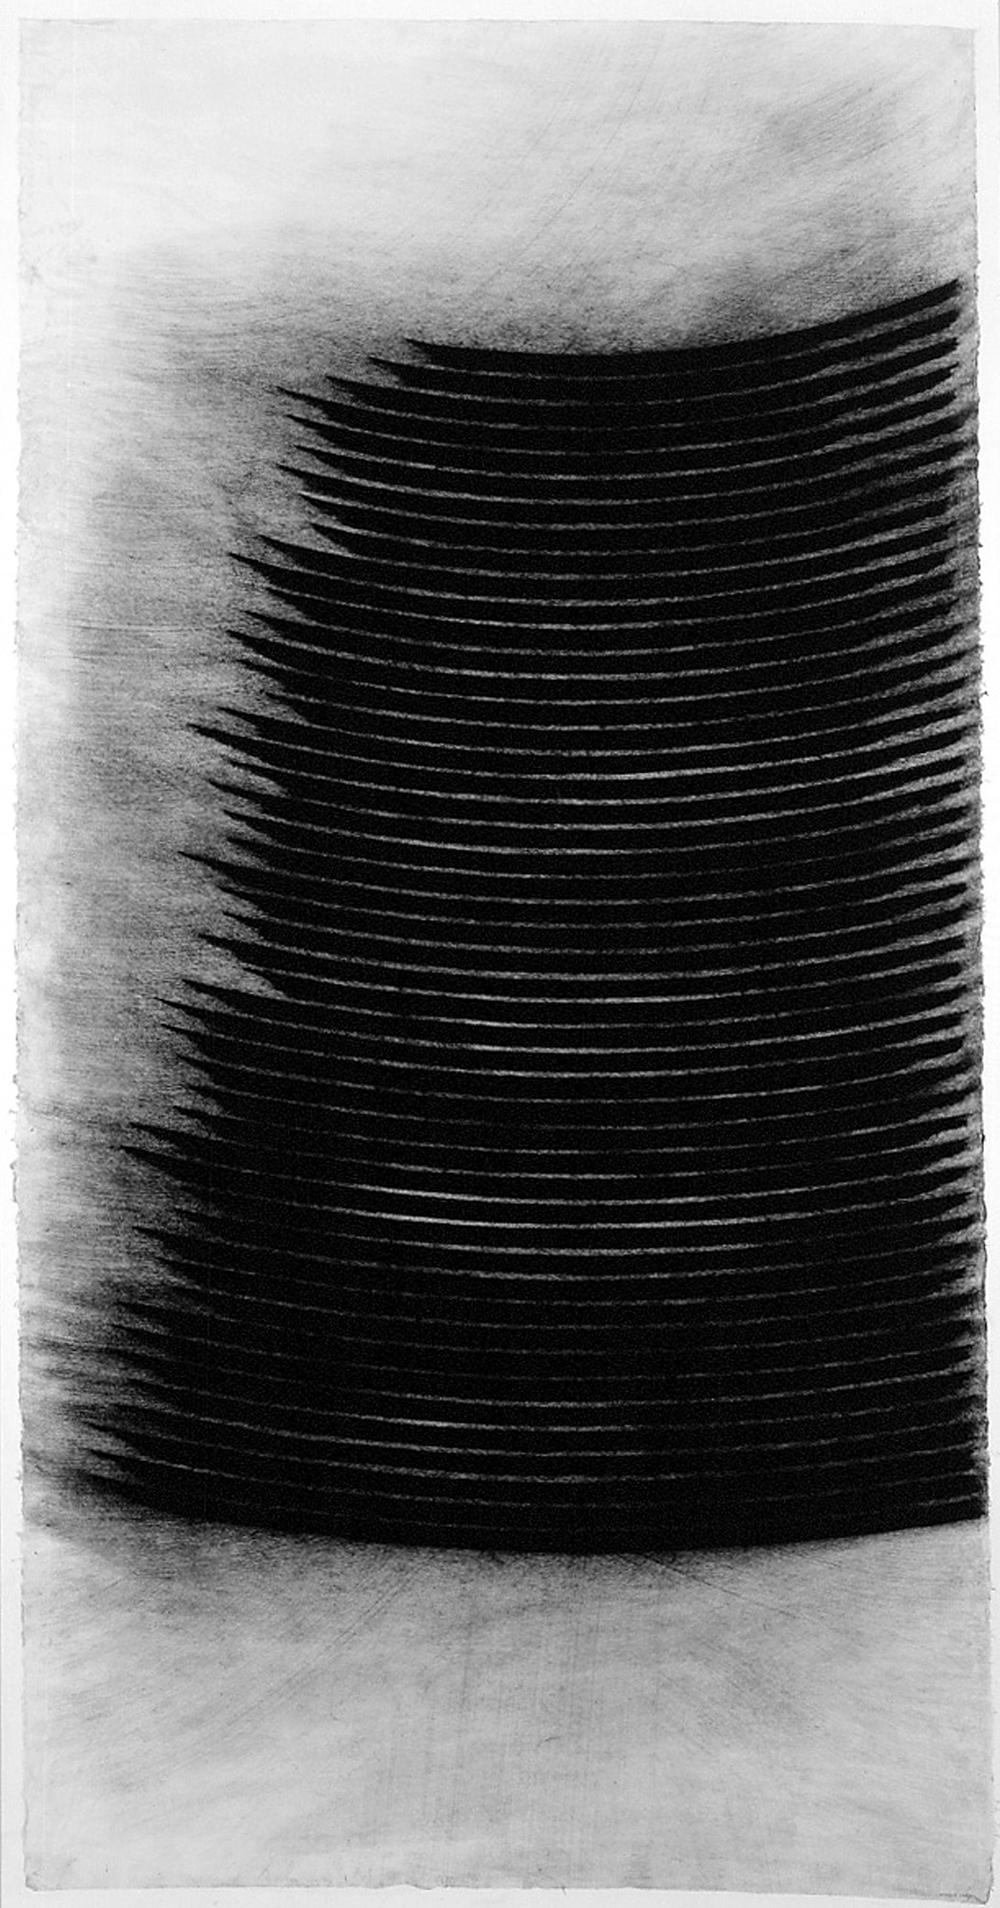 Nunzio, Senza titolo, 2004, carboncino su carta da spolvero, cm 187x97